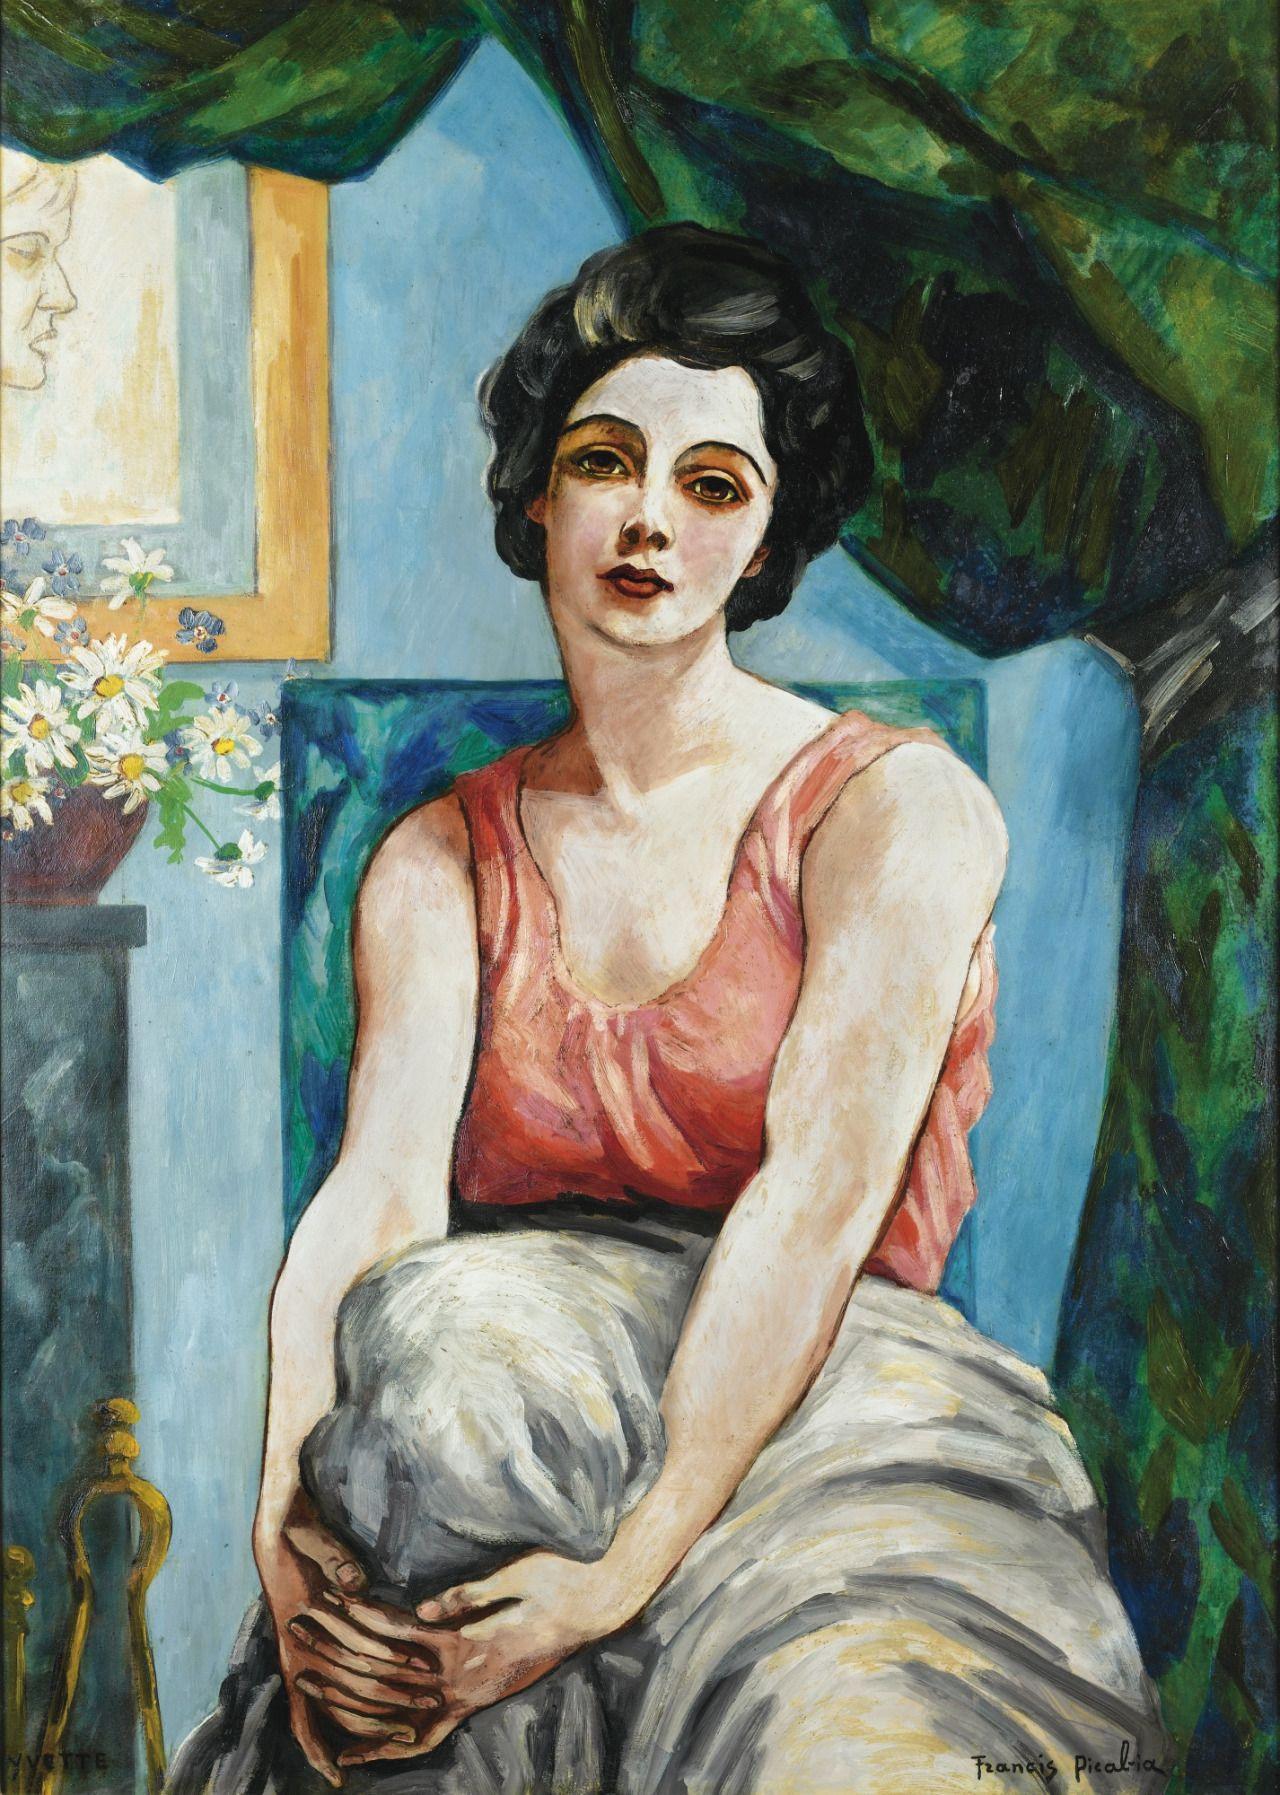 tiagoloureiroscrapbook: FRANCIS PICABIA, PORTRAIT D'YVETTE, 1942-43, oil on panel